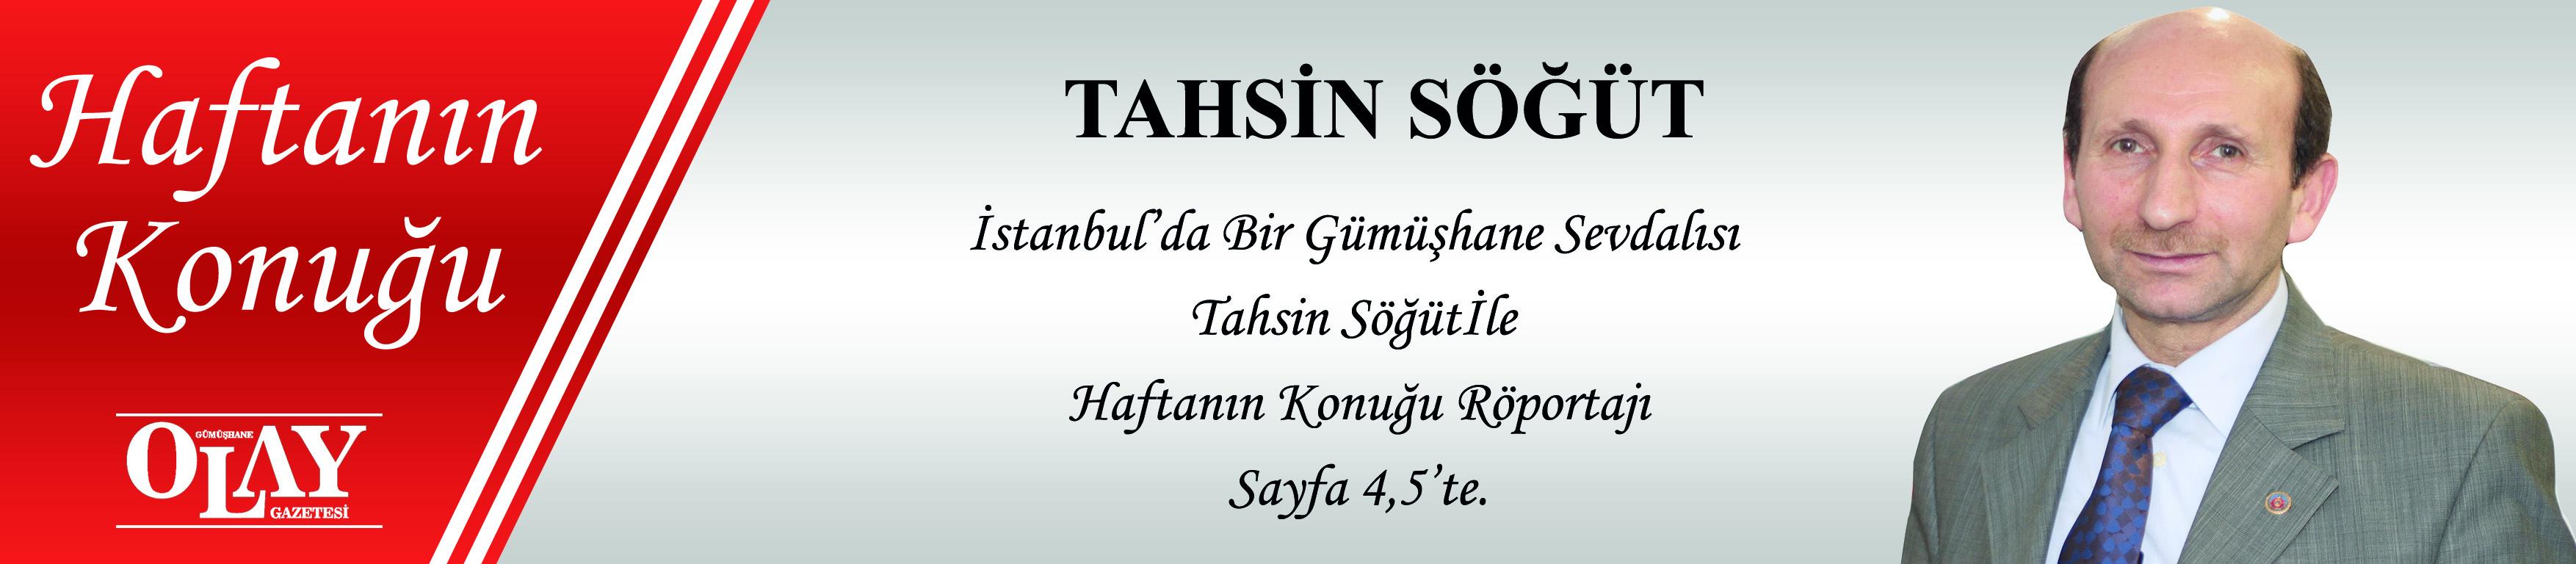 İSTANBUL'DA BİR GÜMÜŞHANE SEVDALISI TAHSİN SÖĞÜT İLE HAFTANIN KONUĞU RÖPORTAJI